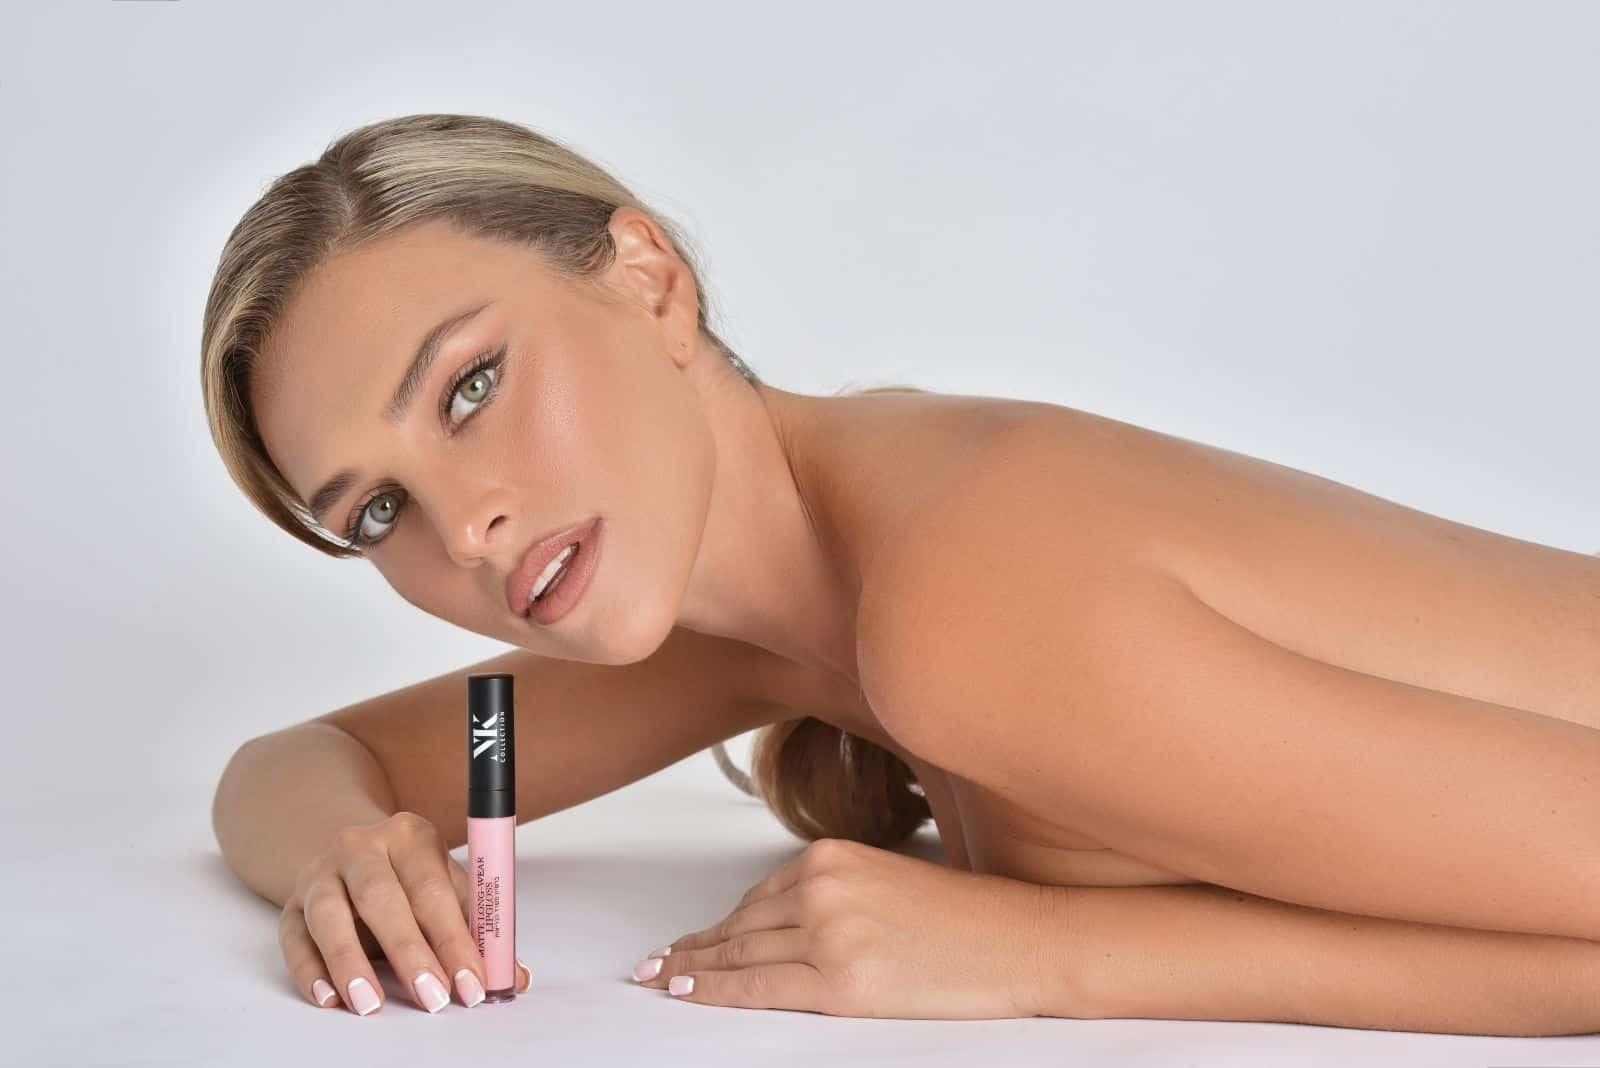 נאוה קולאז' - בית הספר למקצועות היופי